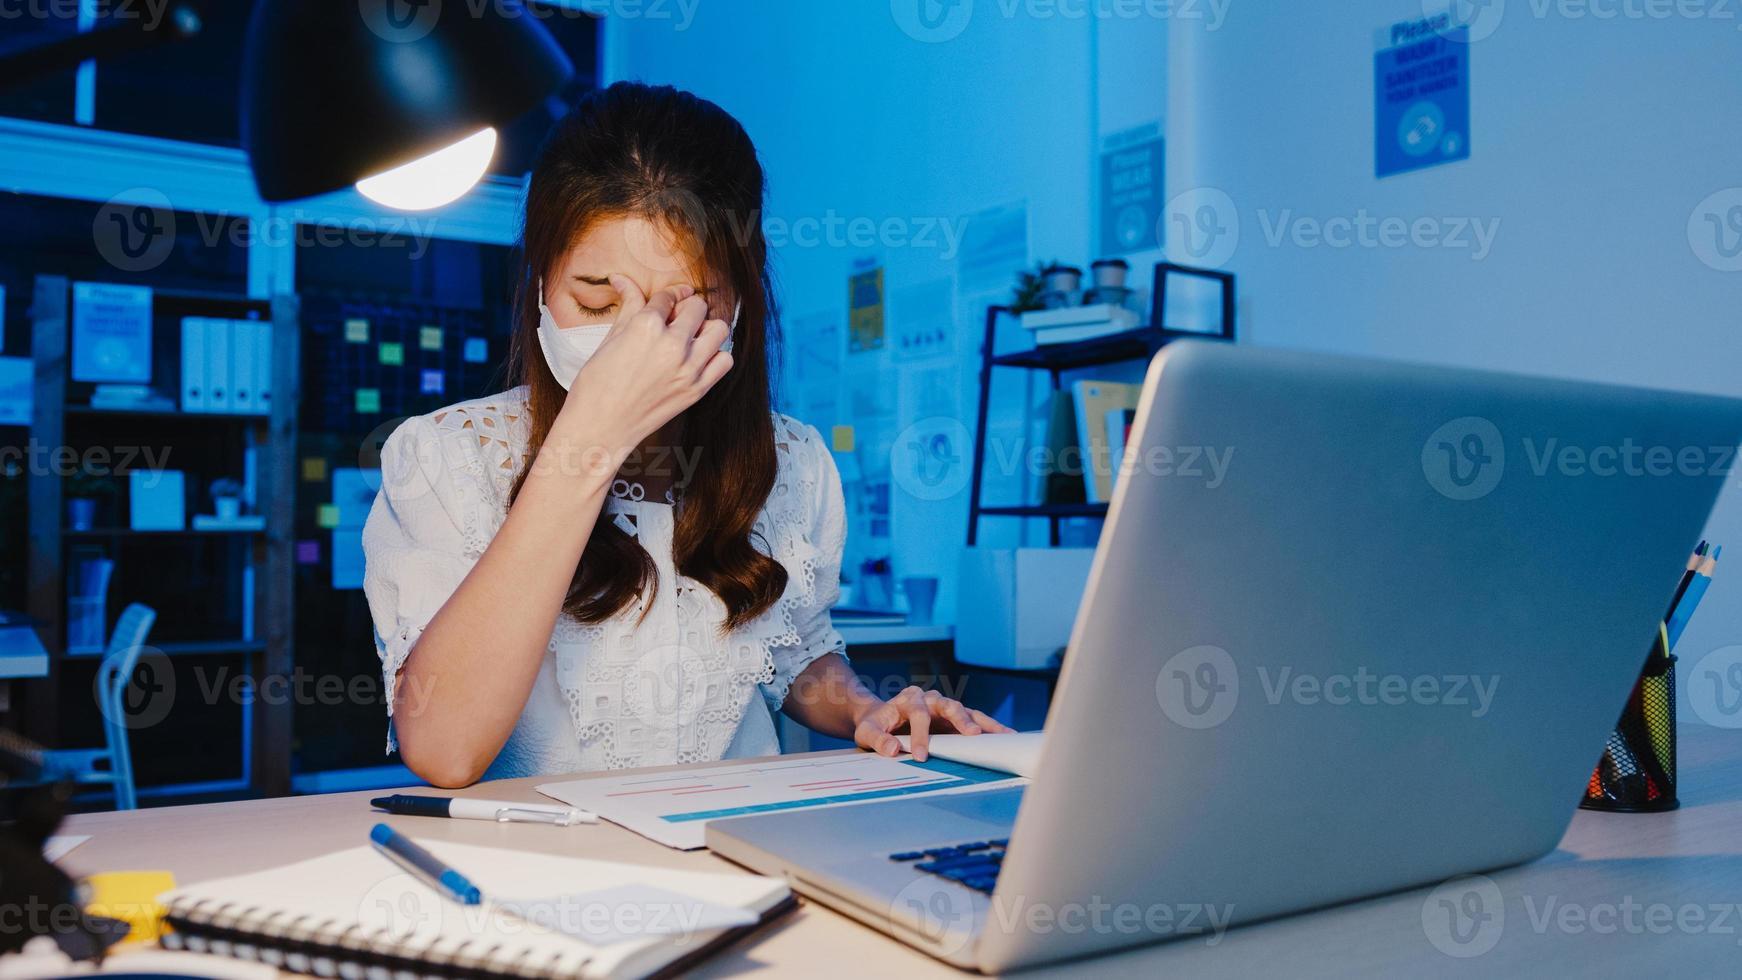 le donne asiatiche freelance indossano la maschera facciale usando il duro lavoro del laptop nel nuovo normale ufficio a casa. lavoro da sovraccarico domestico di notte, autoisolamento, distanza sociale, quarantena per la prevenzione del virus corona. foto